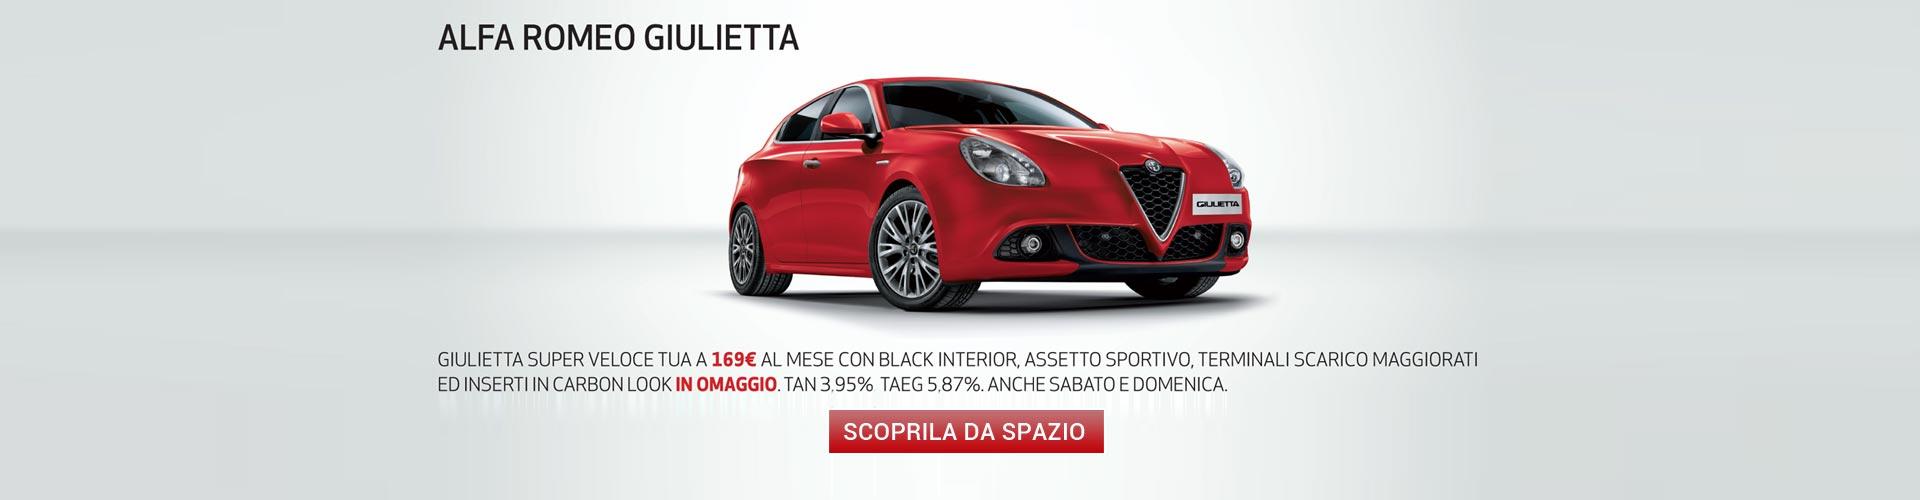 Alfa Giulietta Super veloce